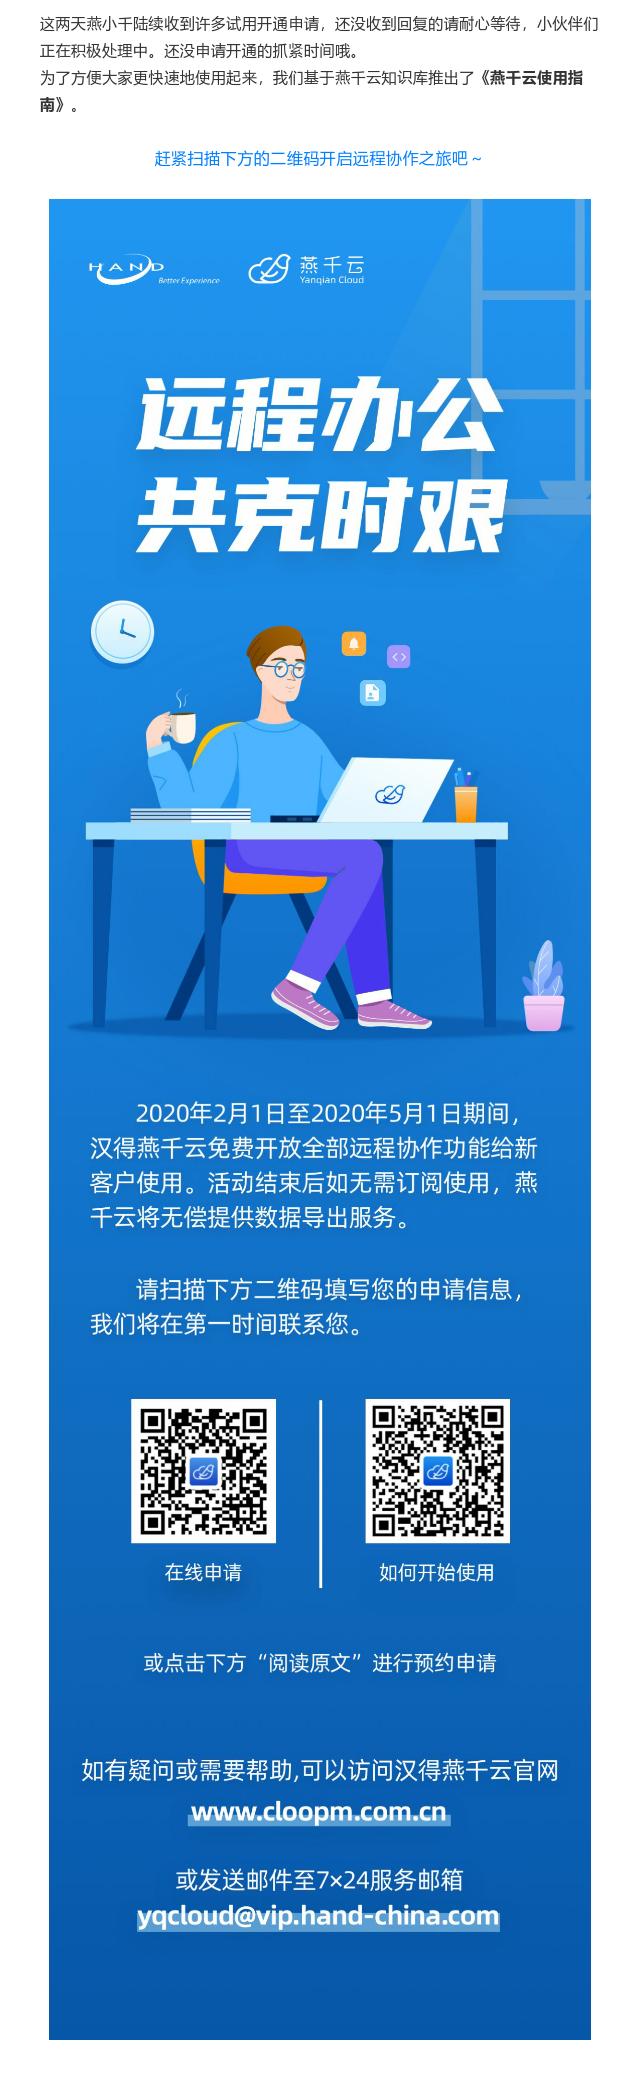 限时收费 燕千云近程办公指南 -钱柜QG777_开源棋牌.png